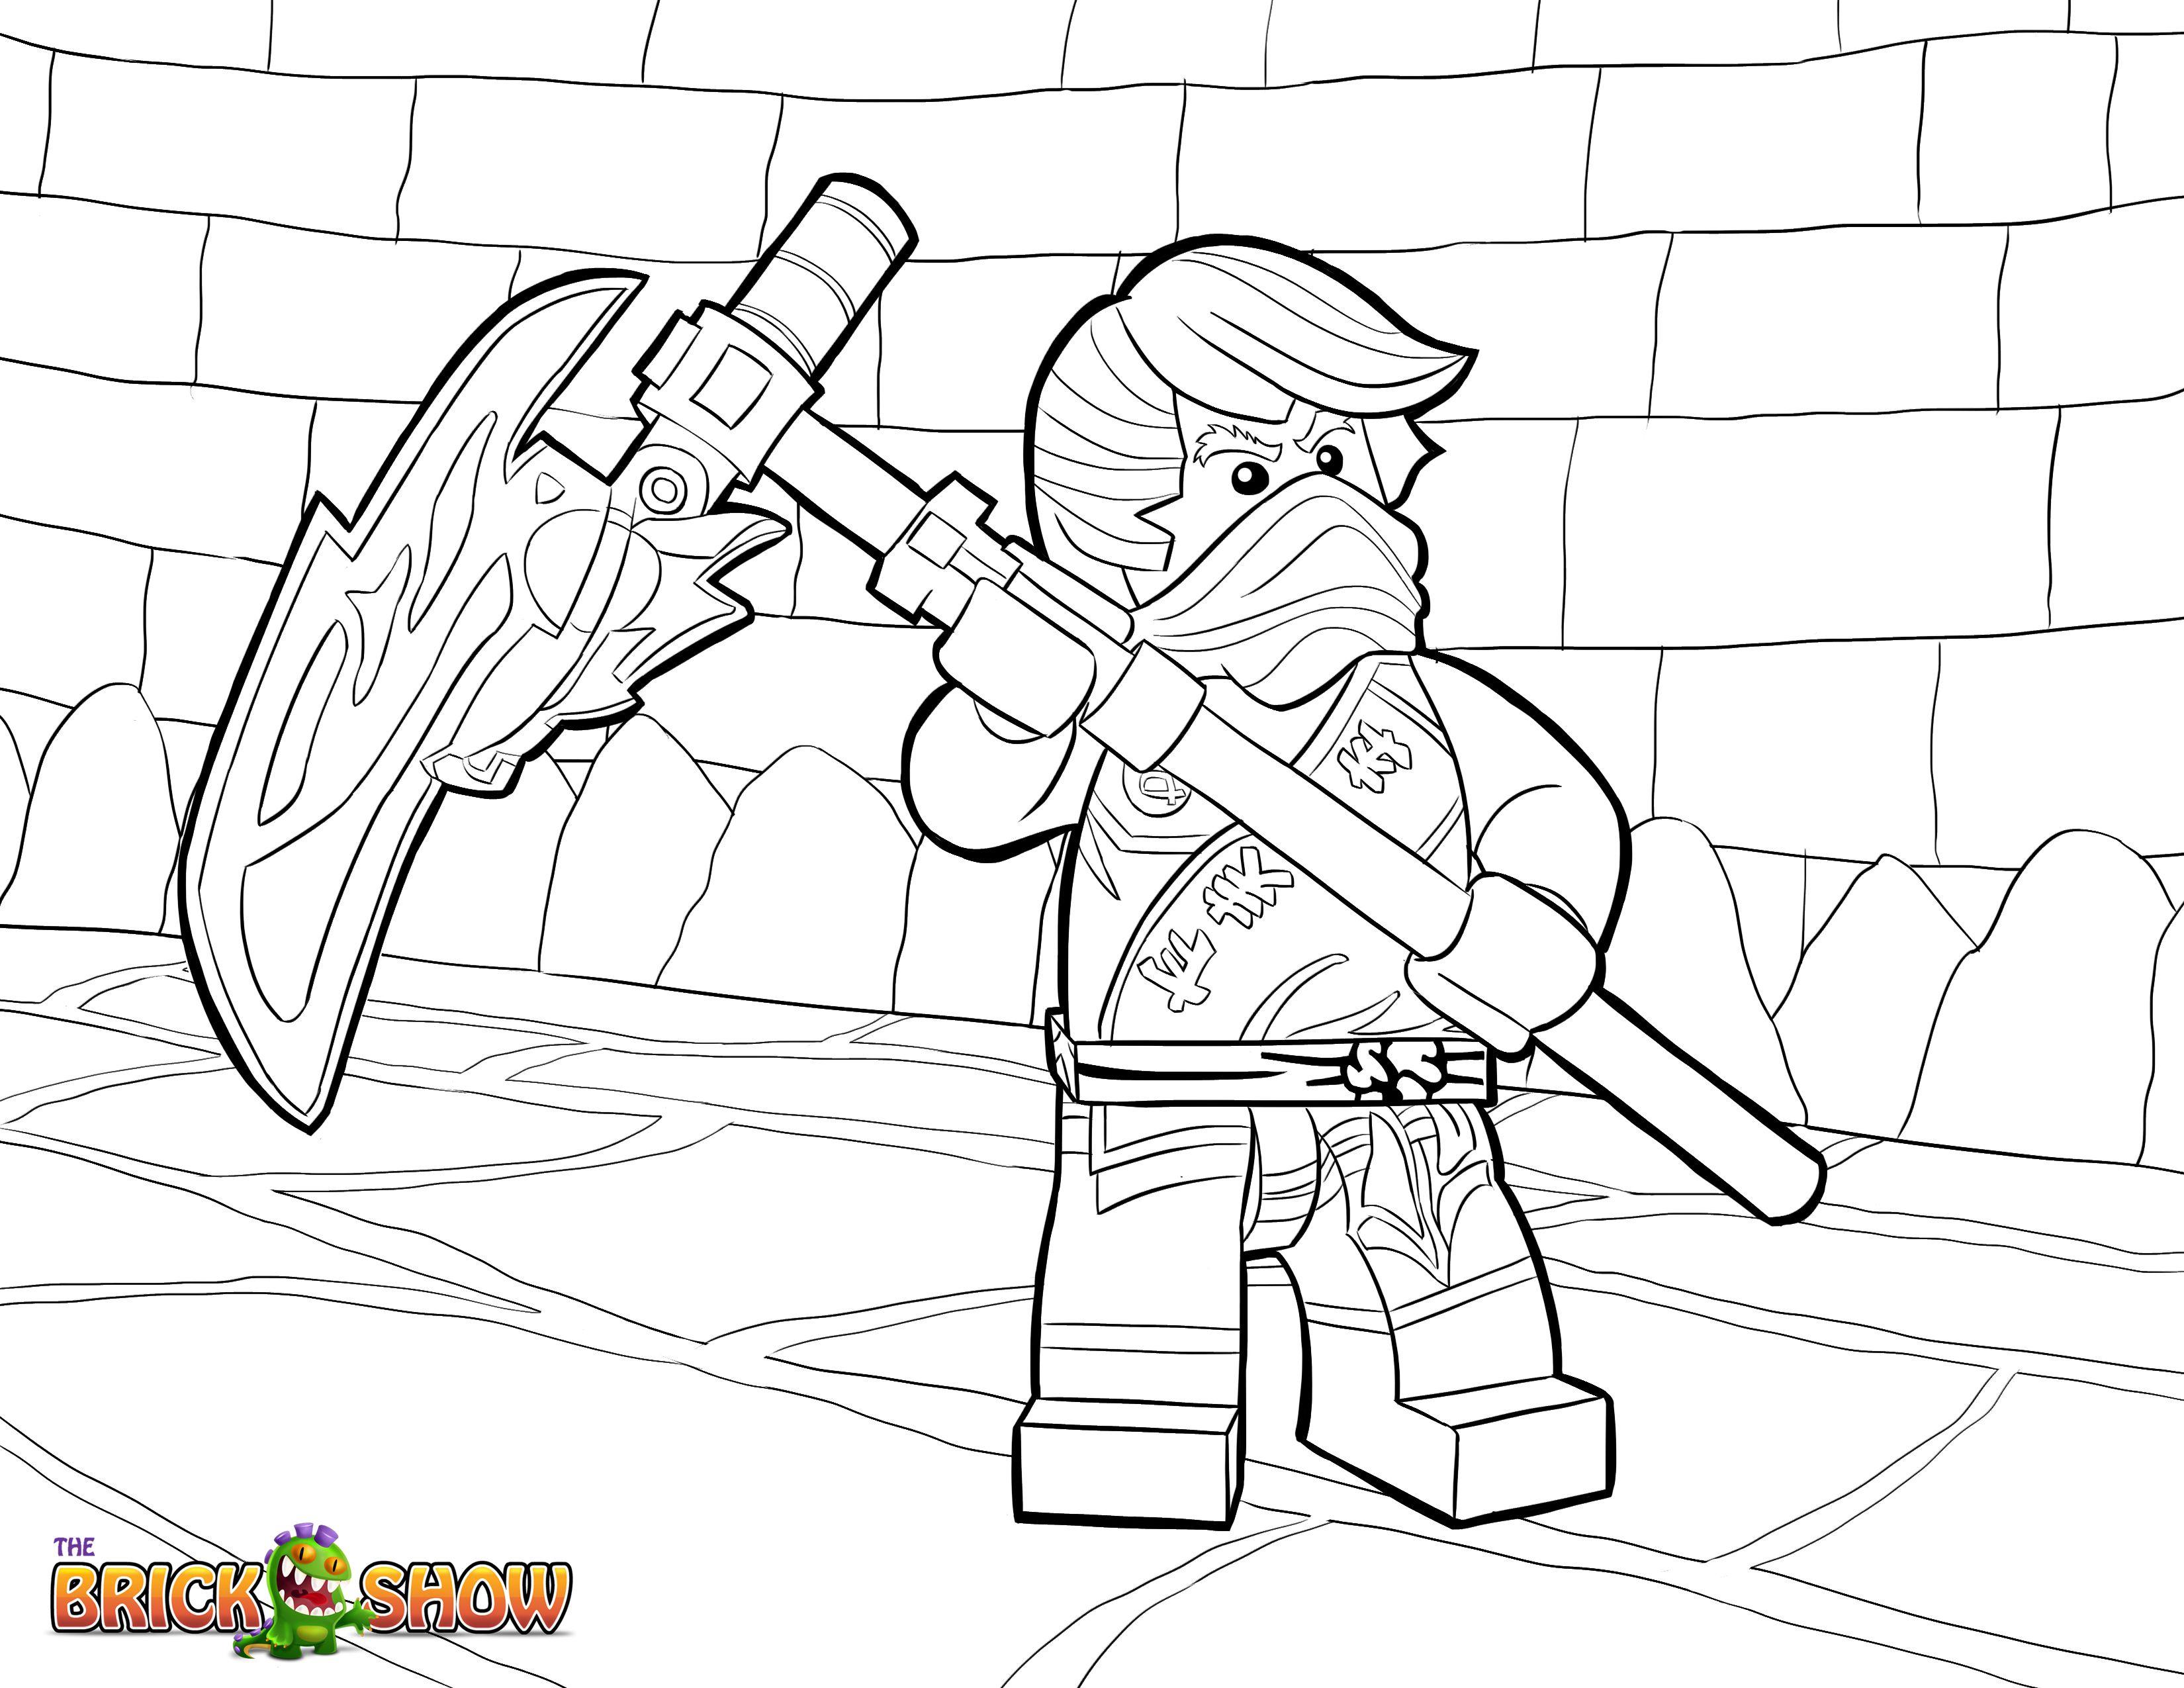 Lego Ninjago Coloring Pages Free Printable Lego Ninjago Color